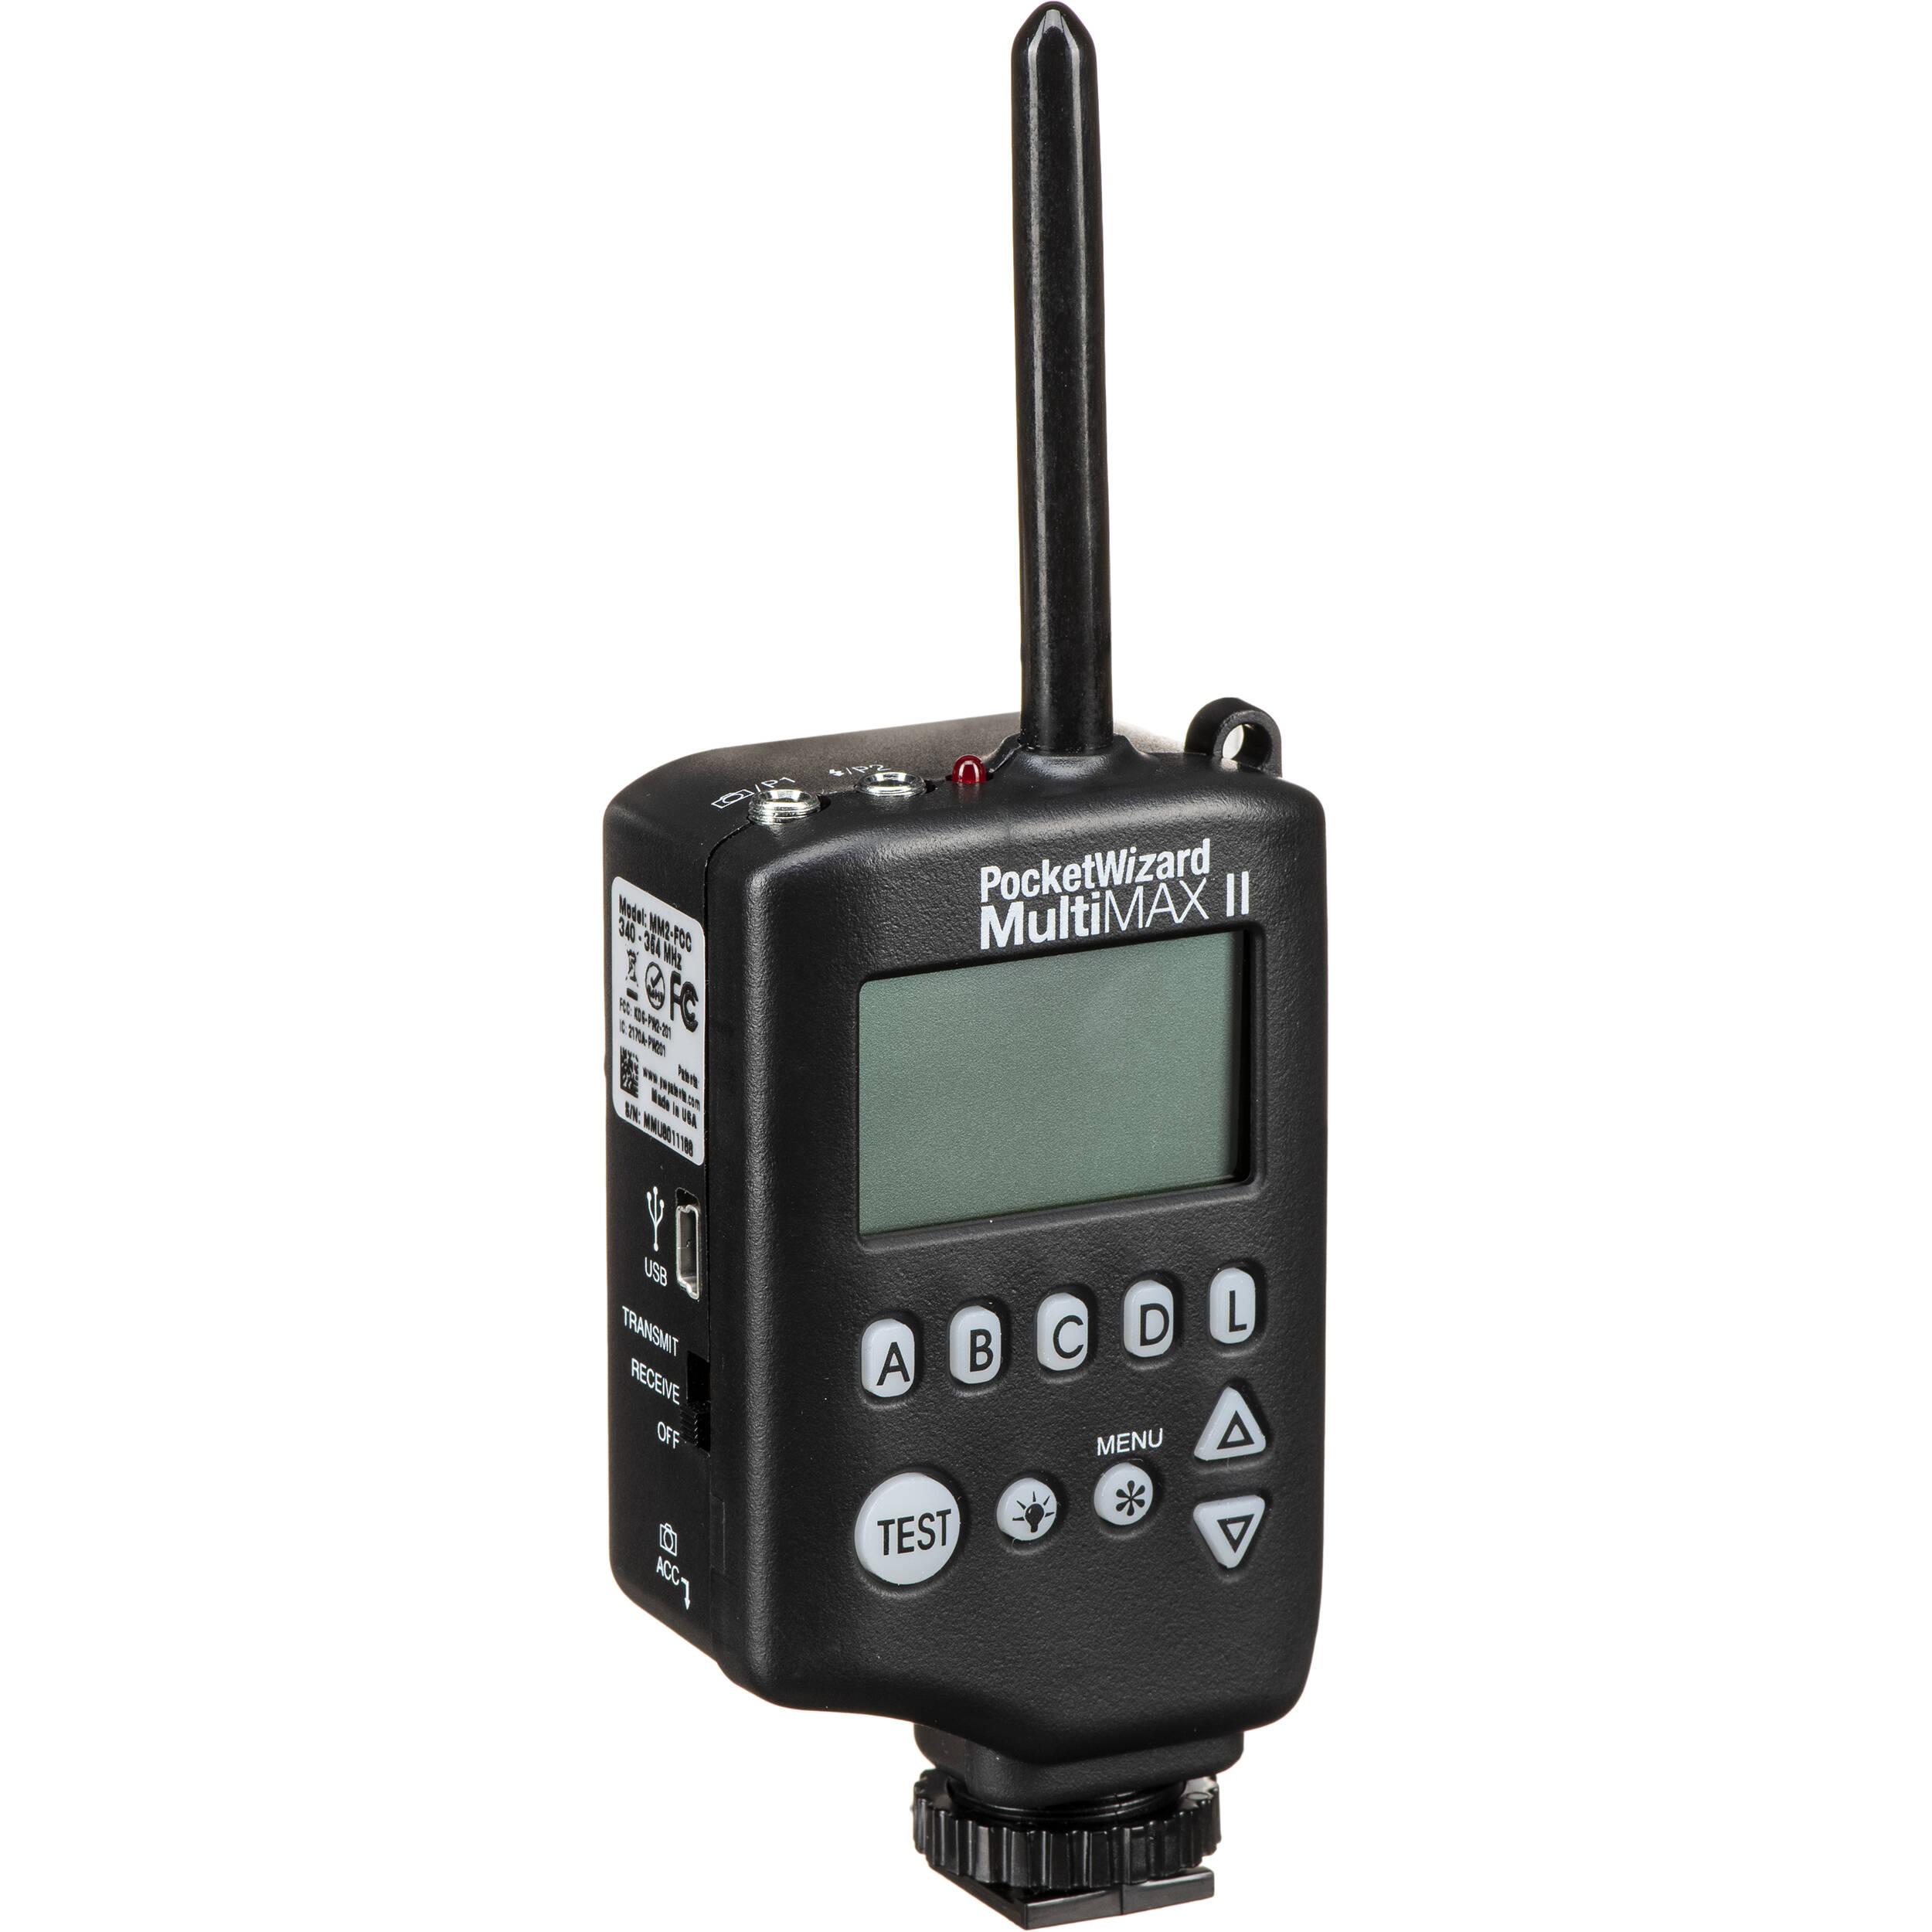 Remote Control Radio Slave. PocketWizard MultiMAX II Transceiver